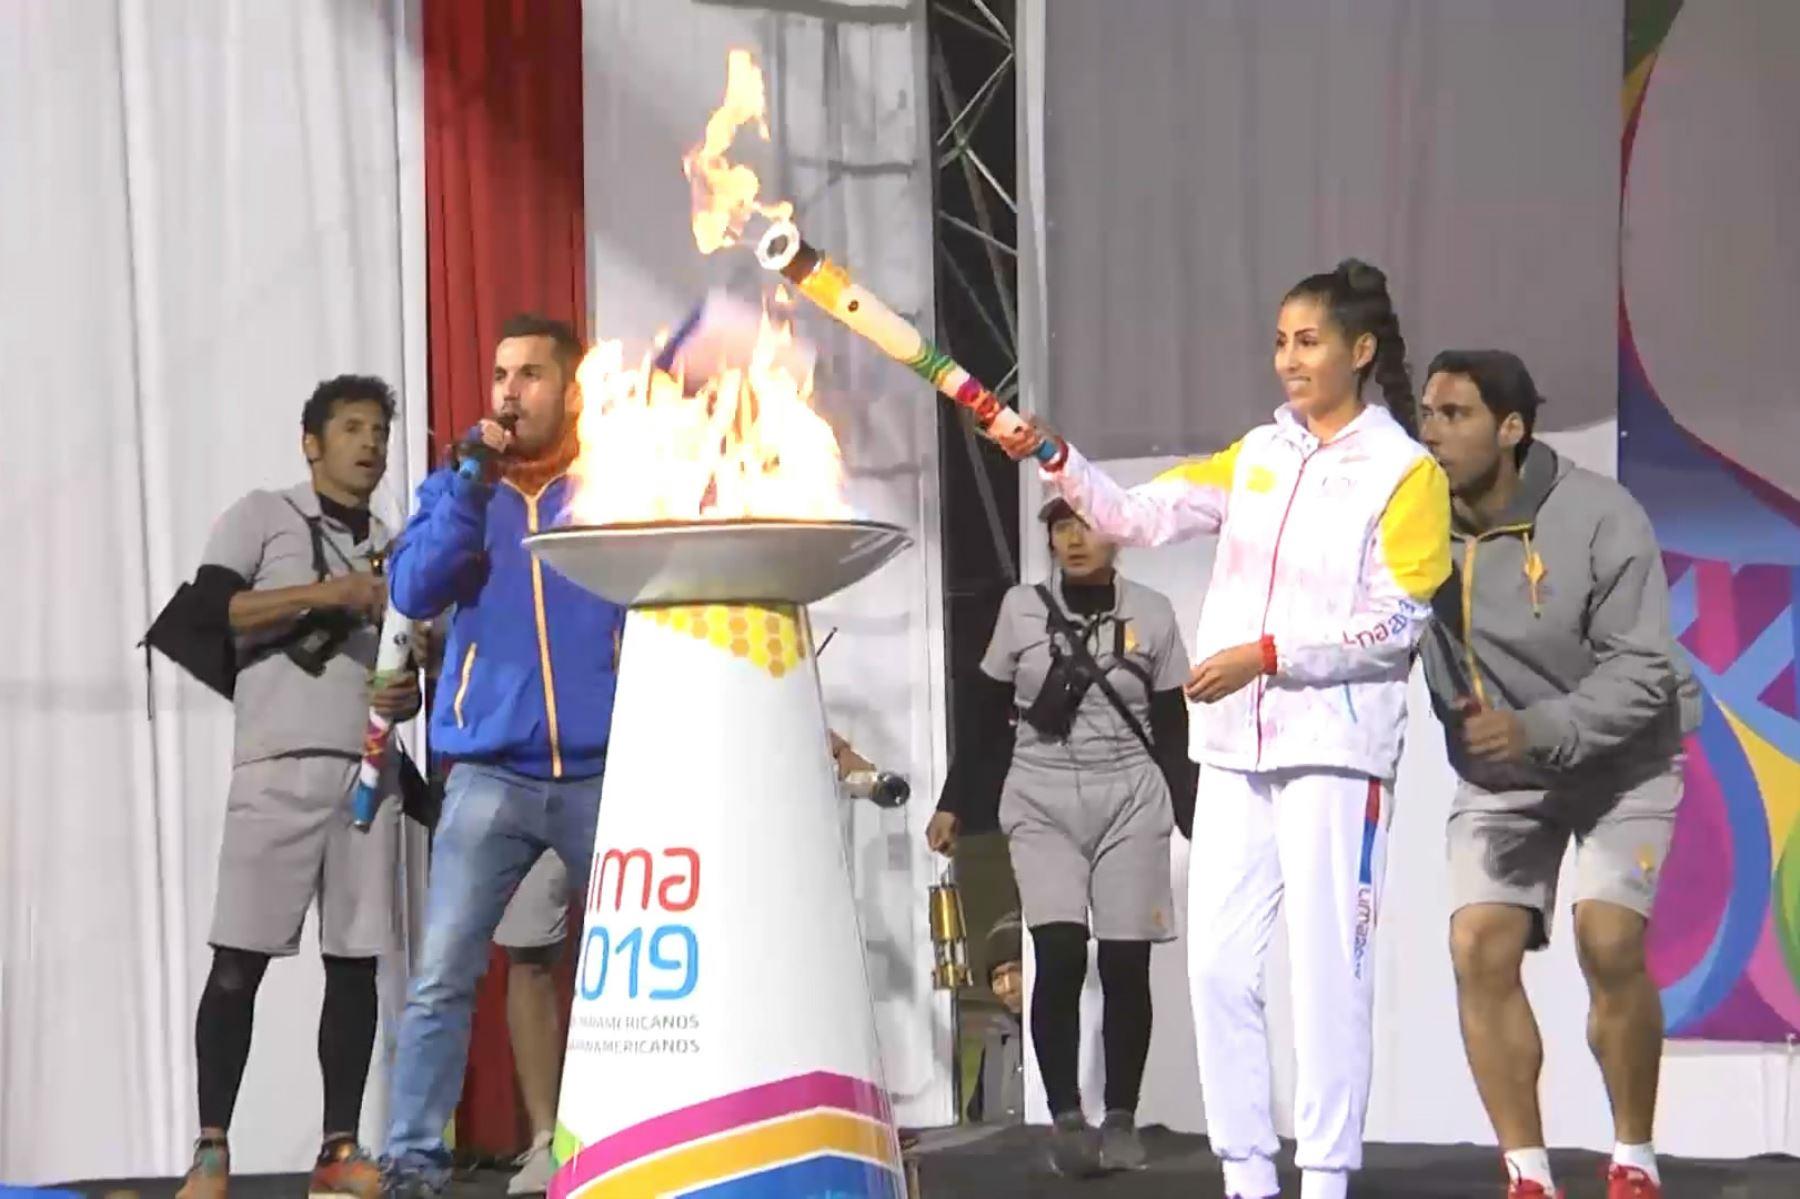 Antorcha Panamericana de Lima 2019 fue recibida por miles de personas en la ciudad de Huancayo. Foto: Pedro Tinoco